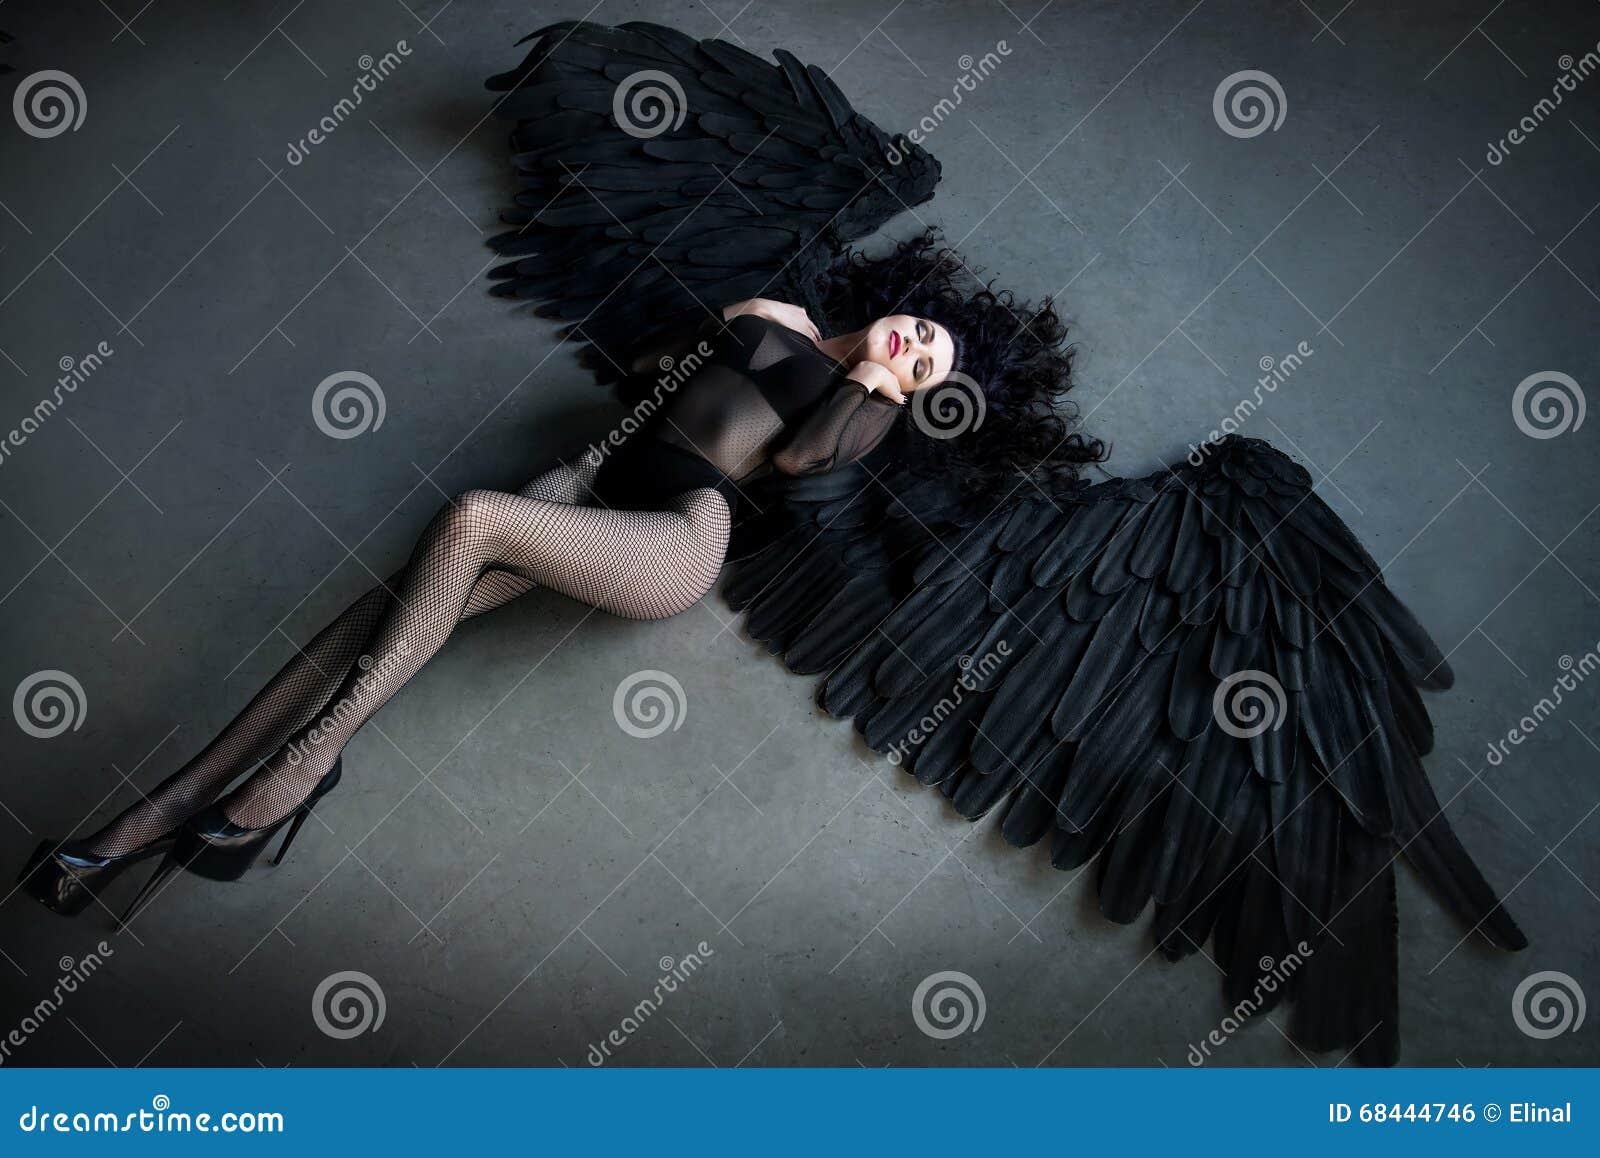 Κυρία Γκάγκα συμπαθεί μεγάλο πουλί